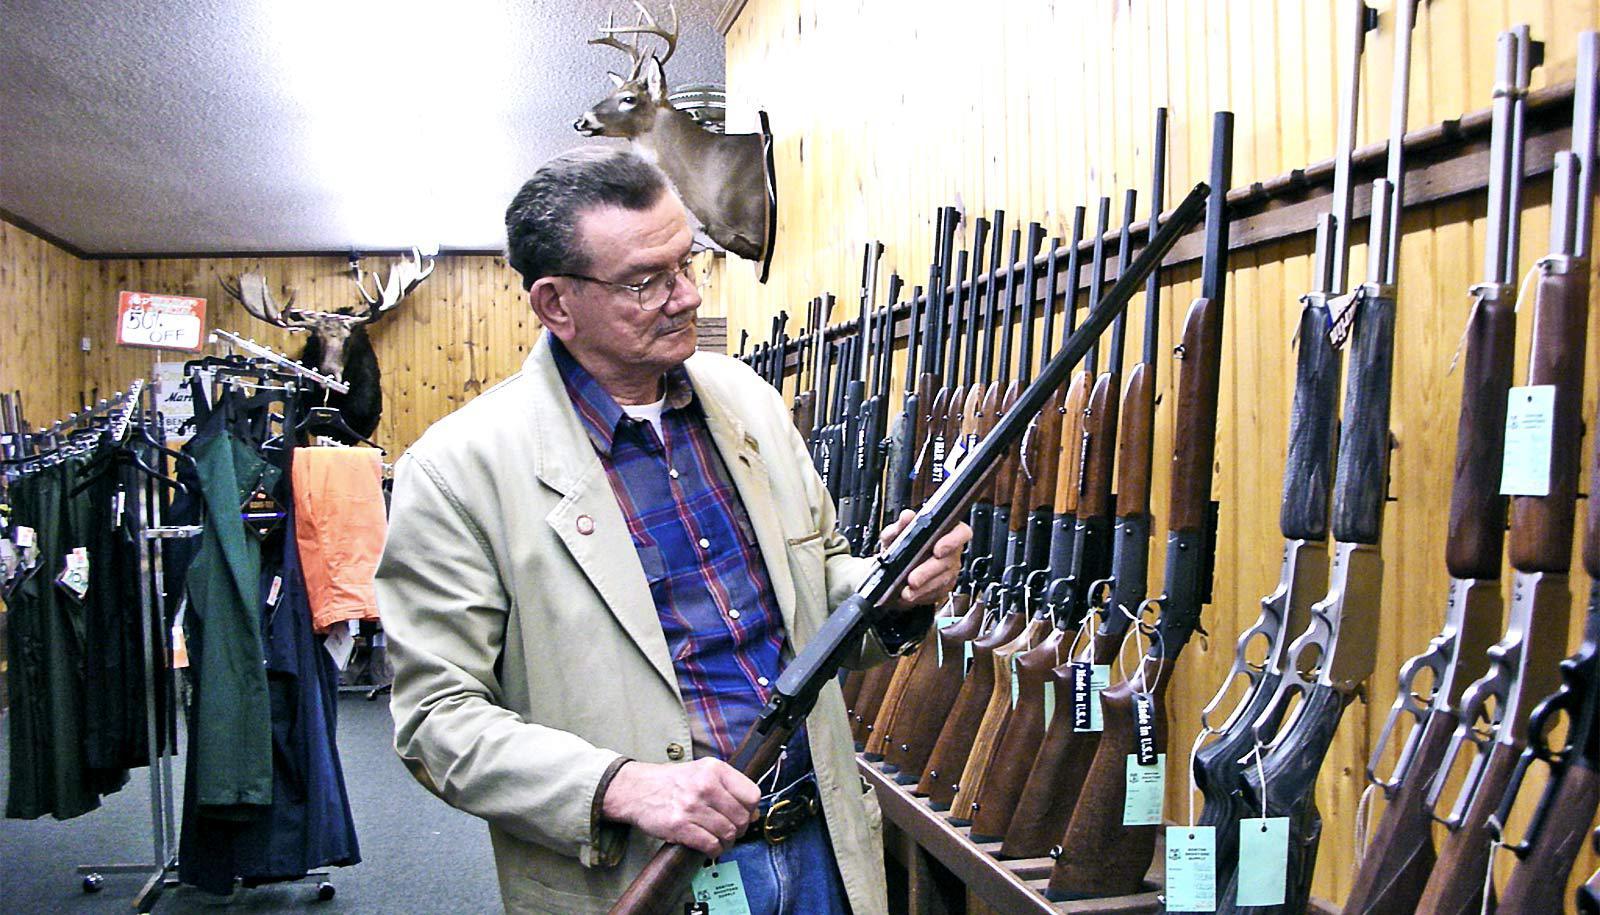 buying a gun (gun sales concept)